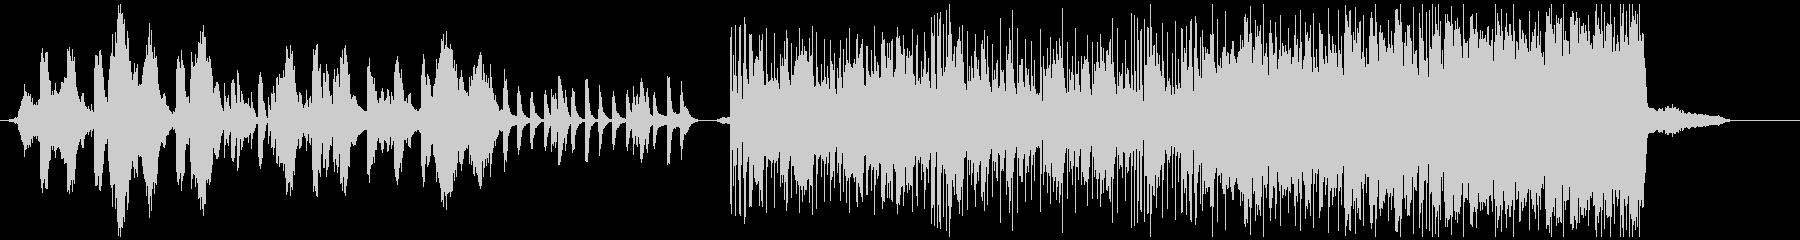 オーケストラ/アクション/アドベン...の未再生の波形